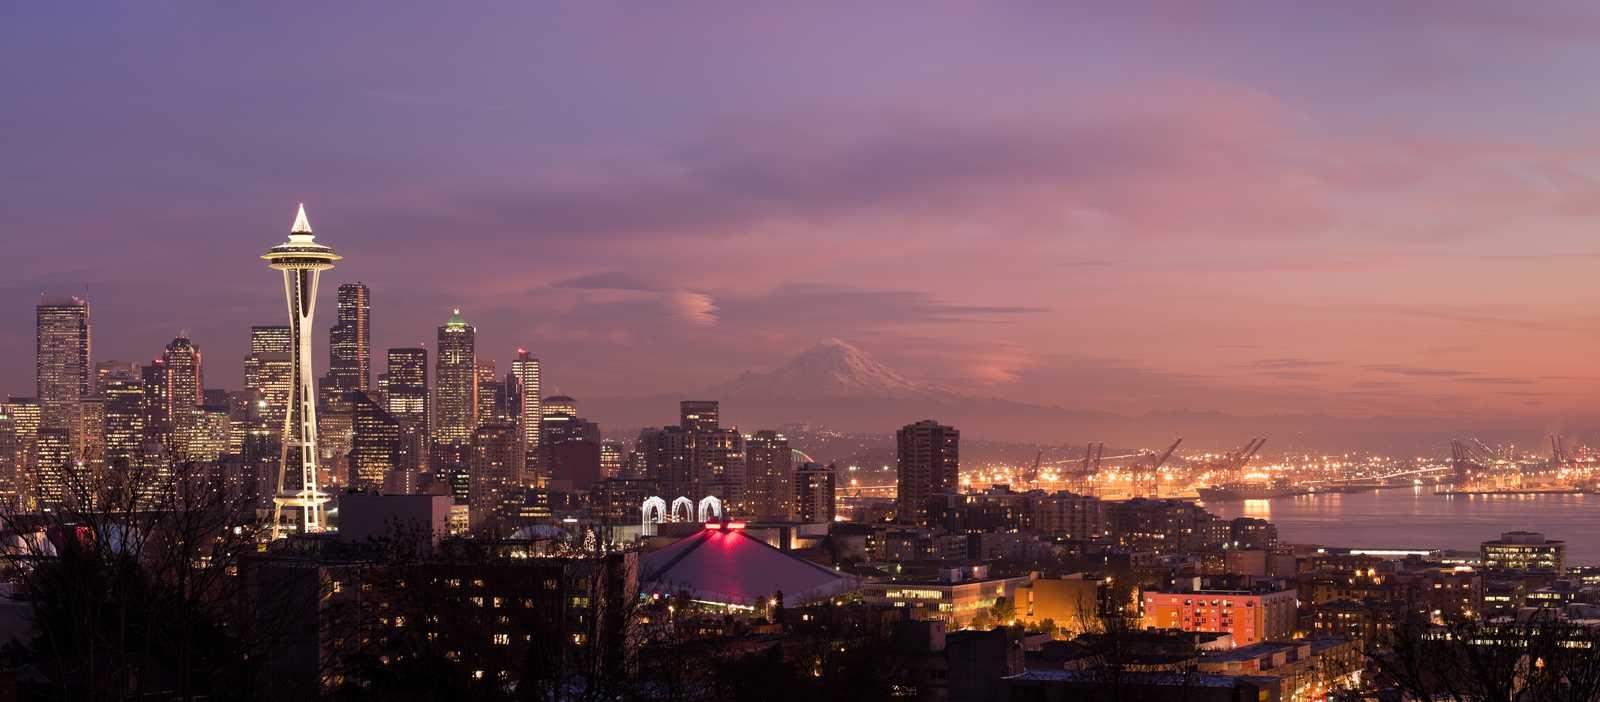 Die Skyline Seattles zur Weihnachtszeit